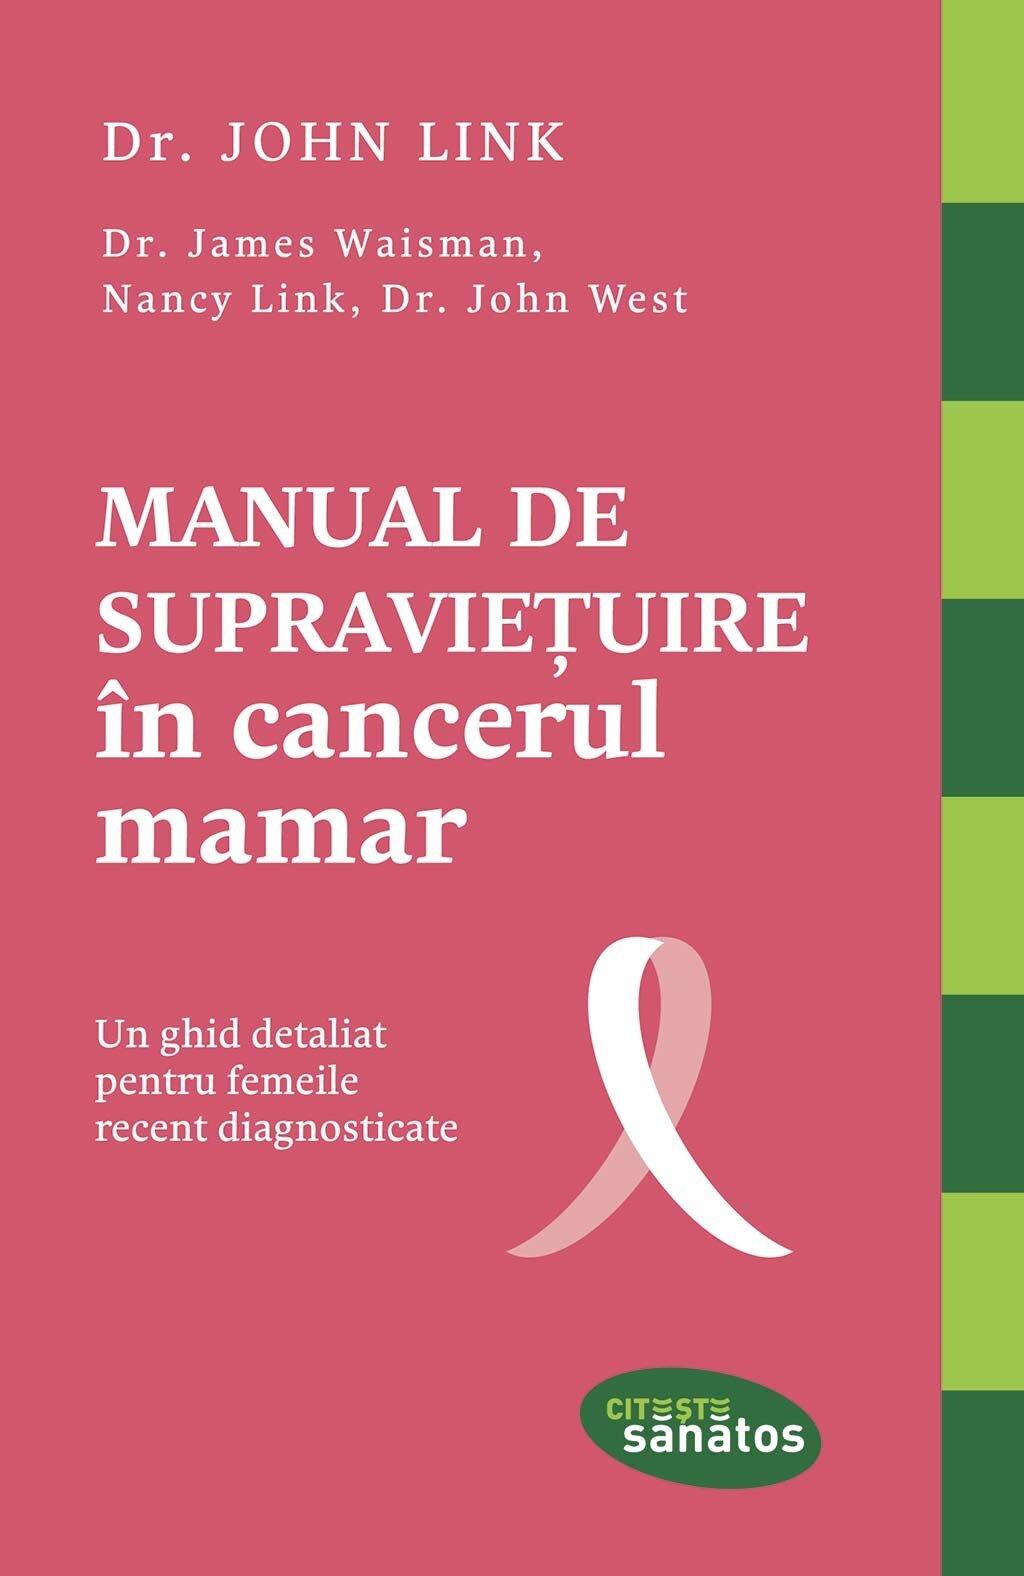 Manual de supravietuire in cancerul mamar. Un ghid detaliat pentru femeile recent diagnosticate (eBook)